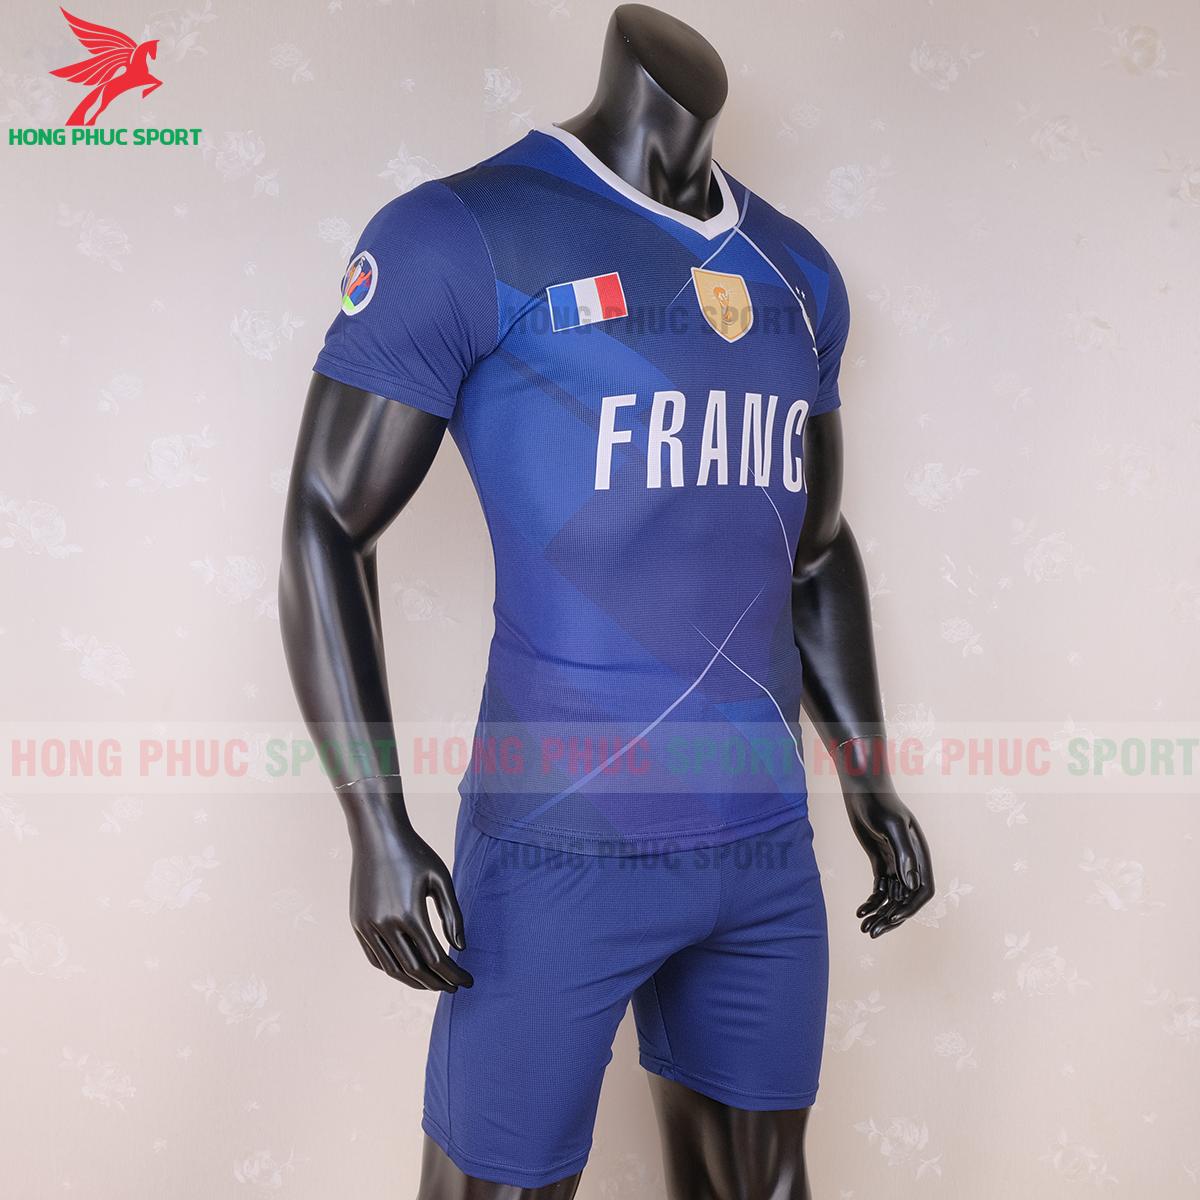 Áo đấu tuyển Pháp 2020 phiên bản Fan (phải)